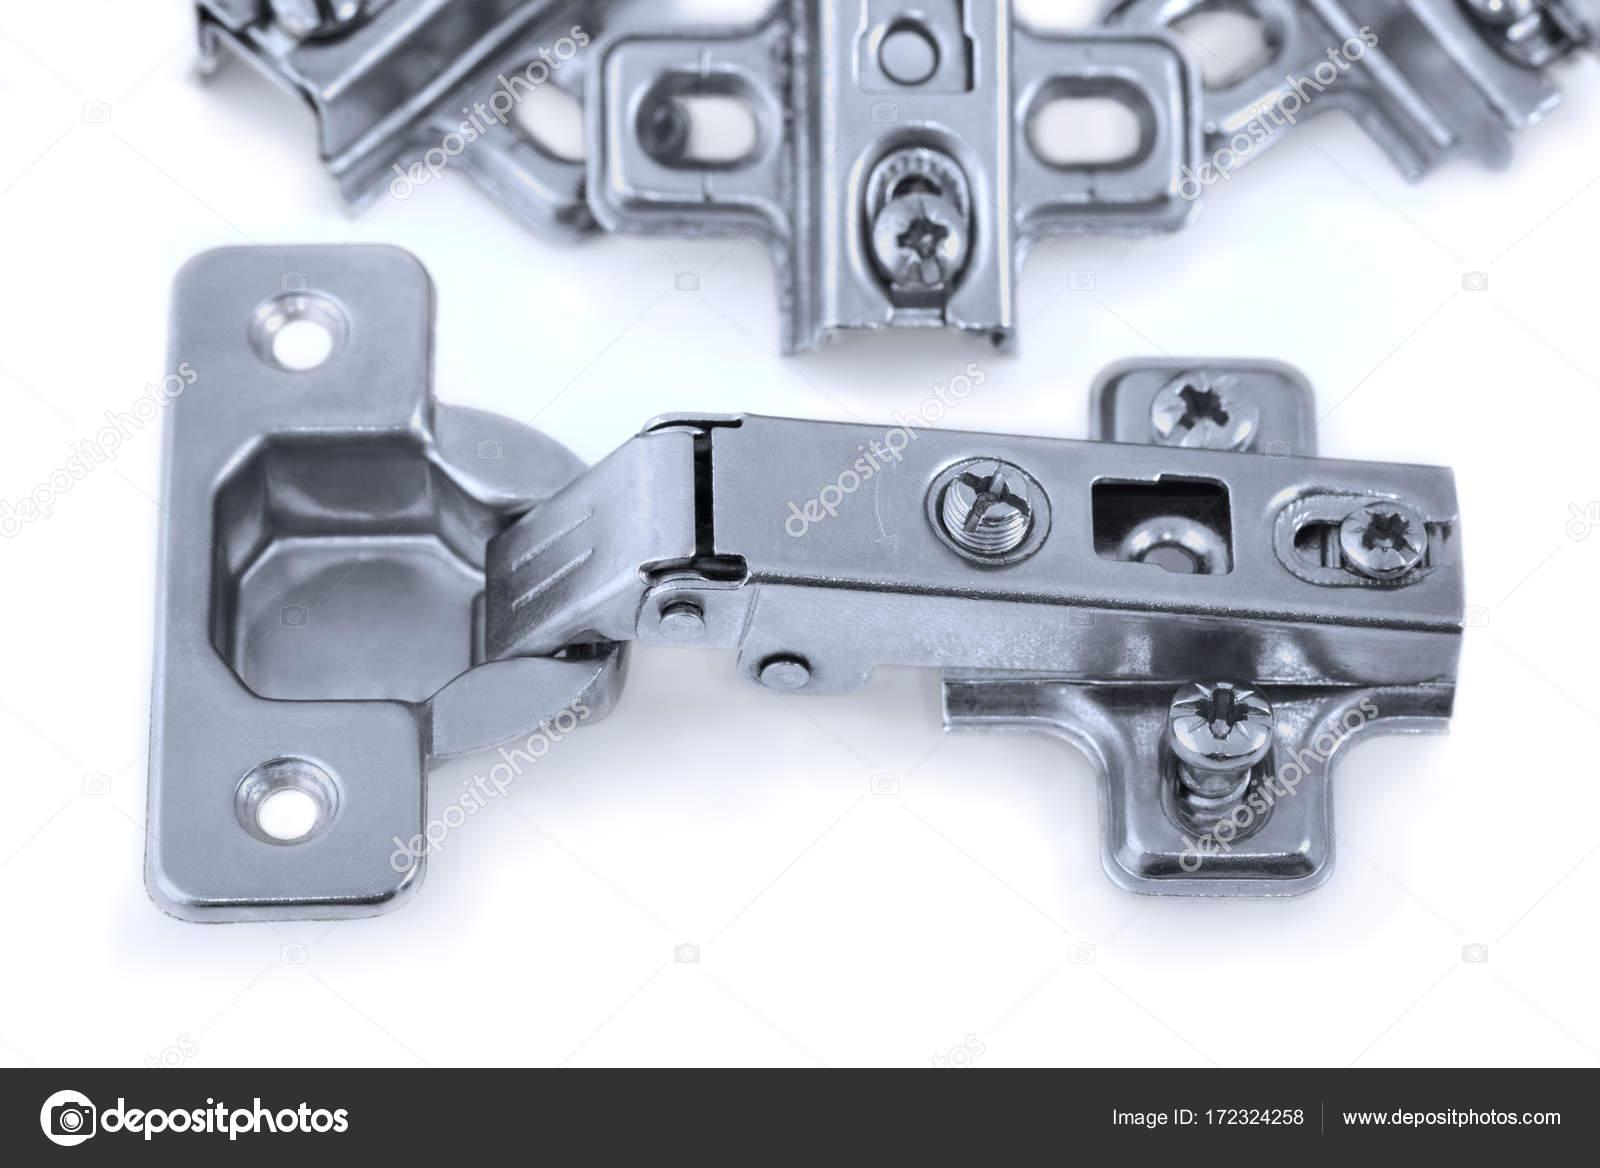 möbel-hardware-scharnier, scharniere küchenschrank — stockfoto